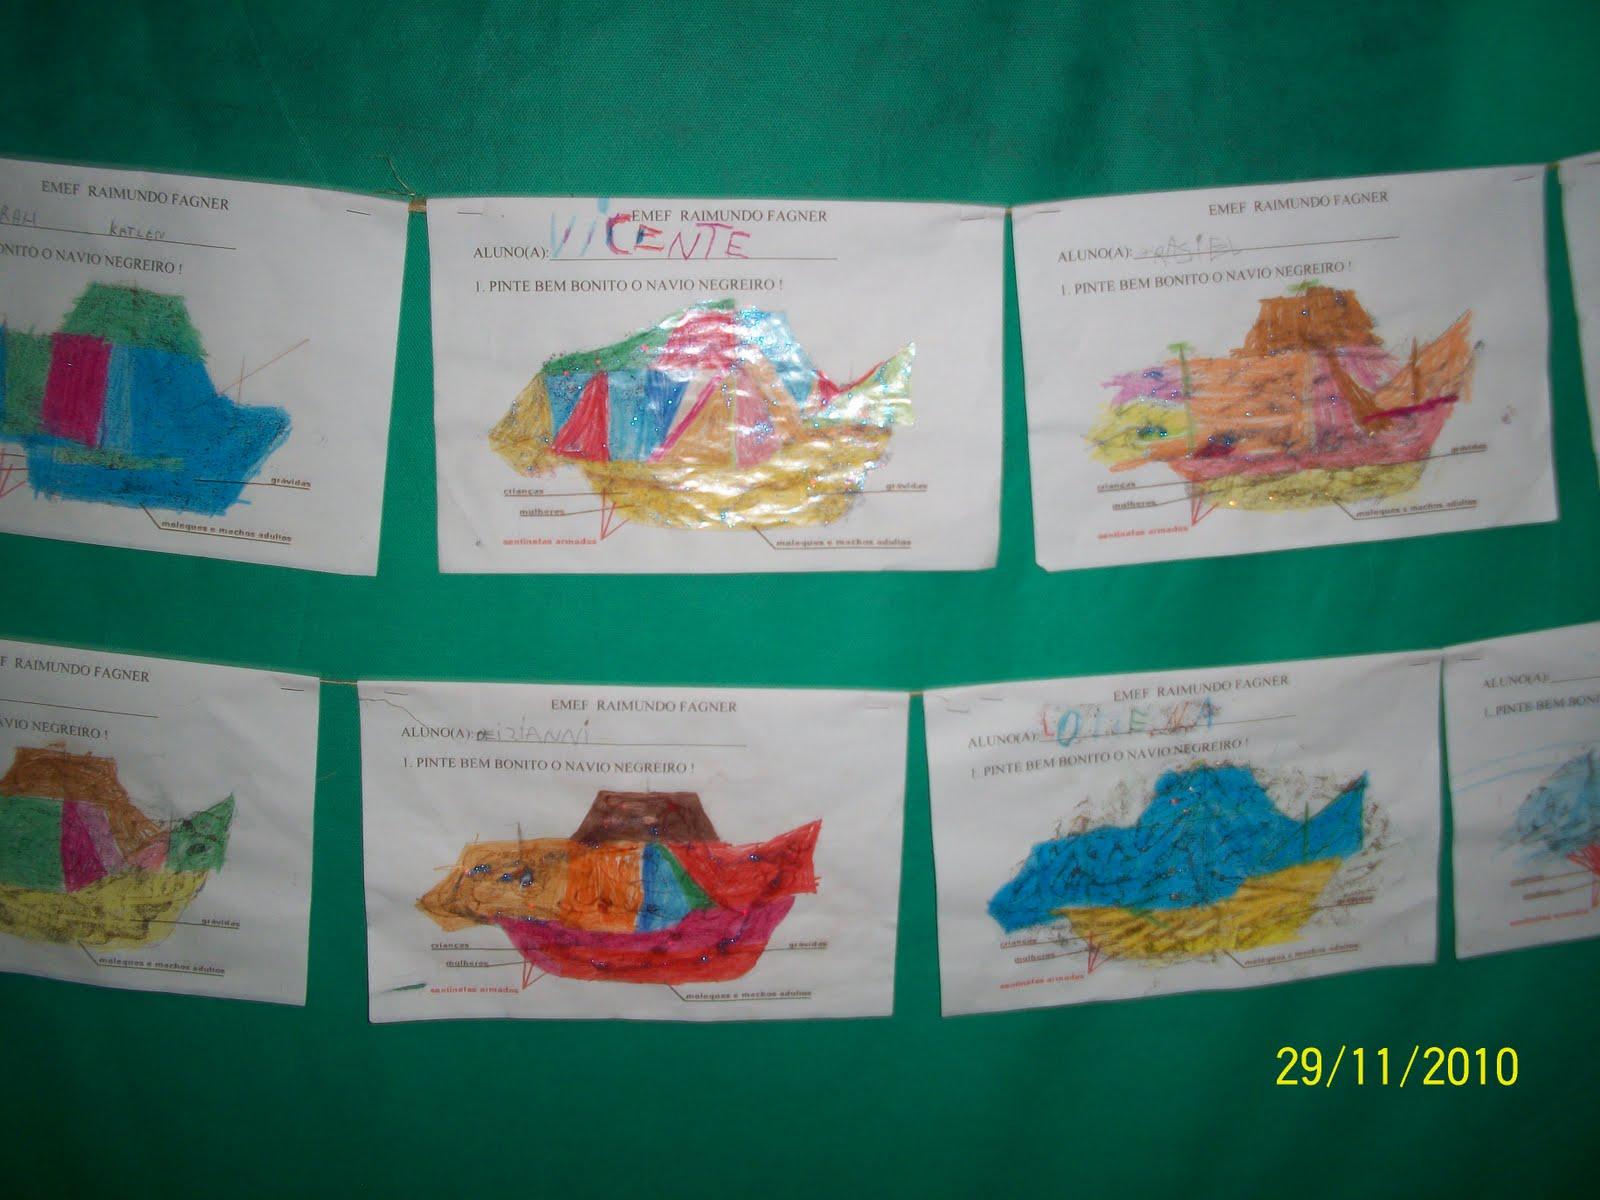 confeccionado pelos alunos da educação infantil: Navio Negreiro #024332 1600 1200